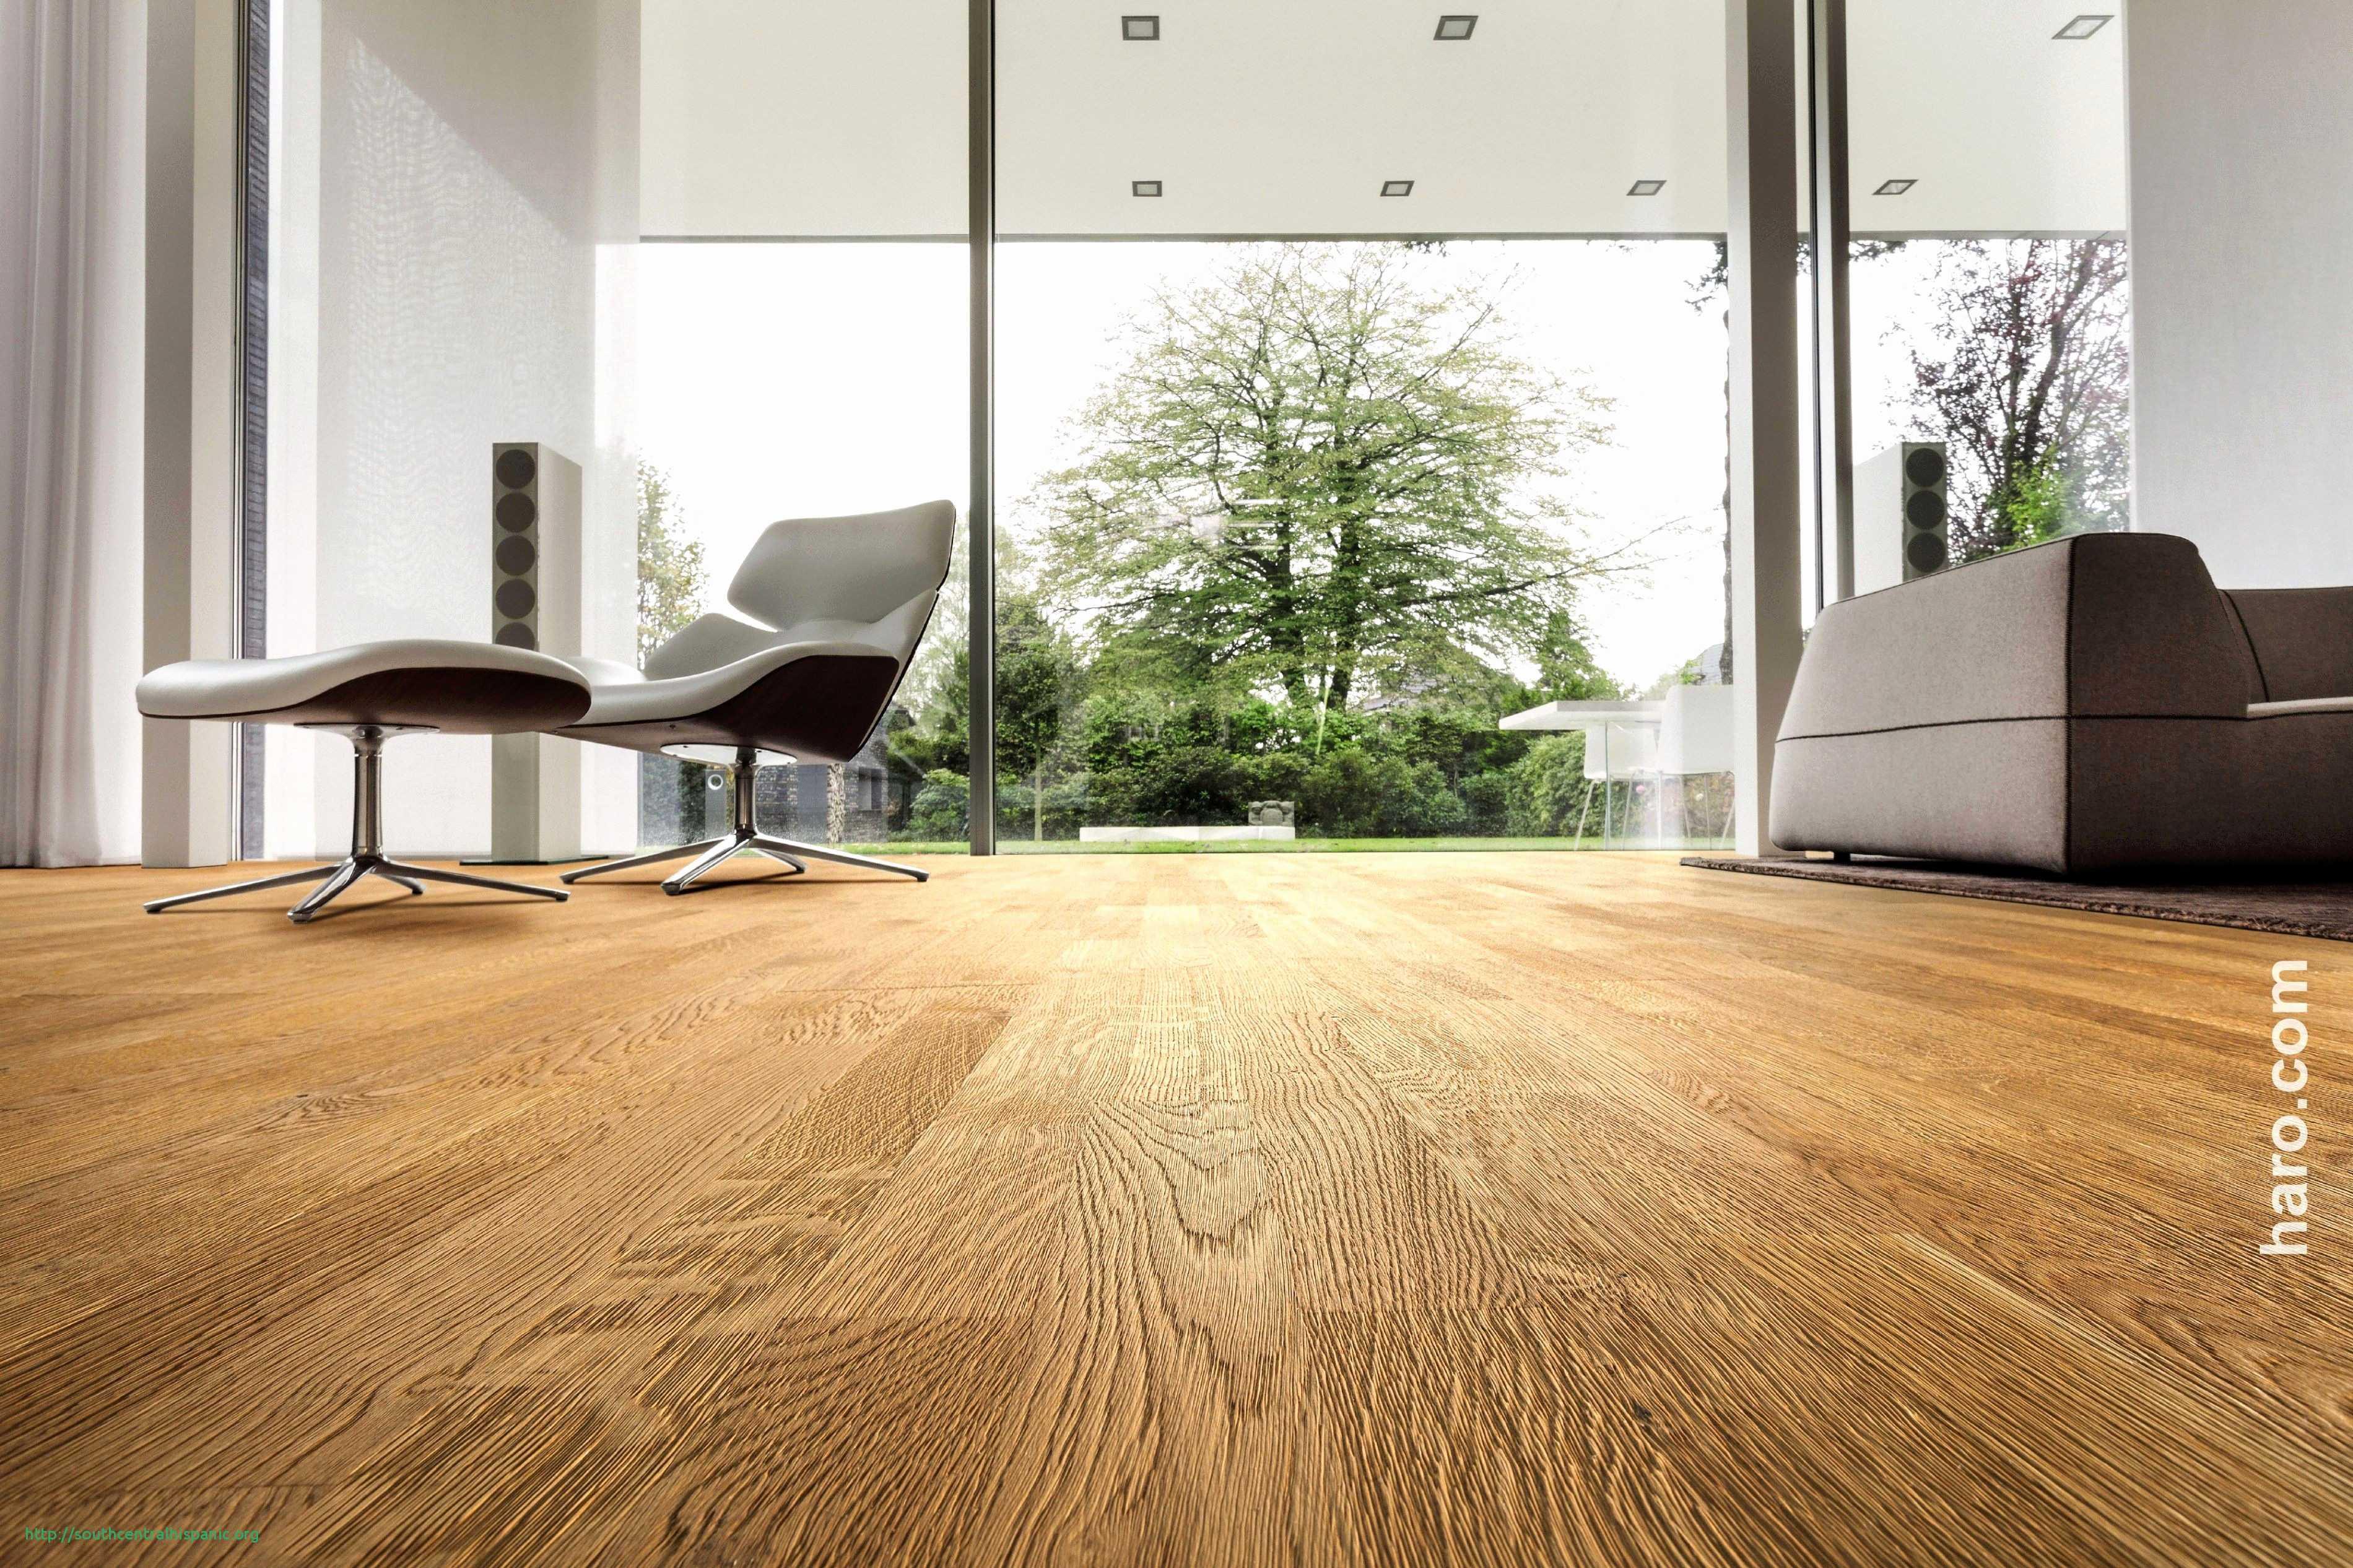 hardwood flooring online shopping of cheapest hardwood flooring 17 luxe where to buy hardwood flooring with regard to cheapest hardwood flooring 17 luxe where to buy hardwood flooring cheap